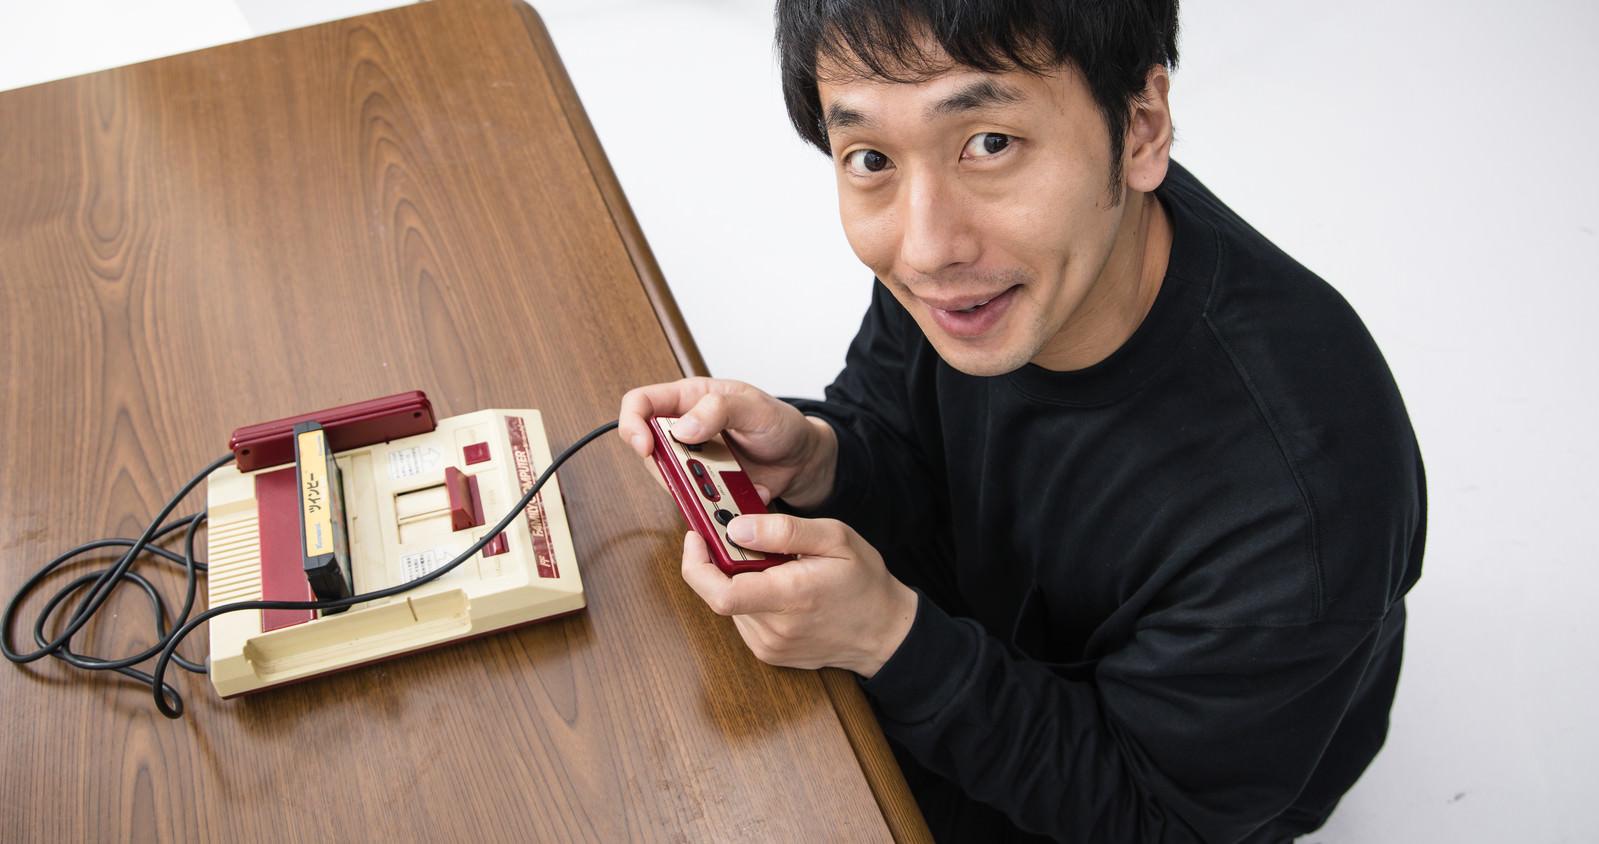 「家庭用ゲーム機で遊ぶ元少年」の写真[モデル:大川竜弥]